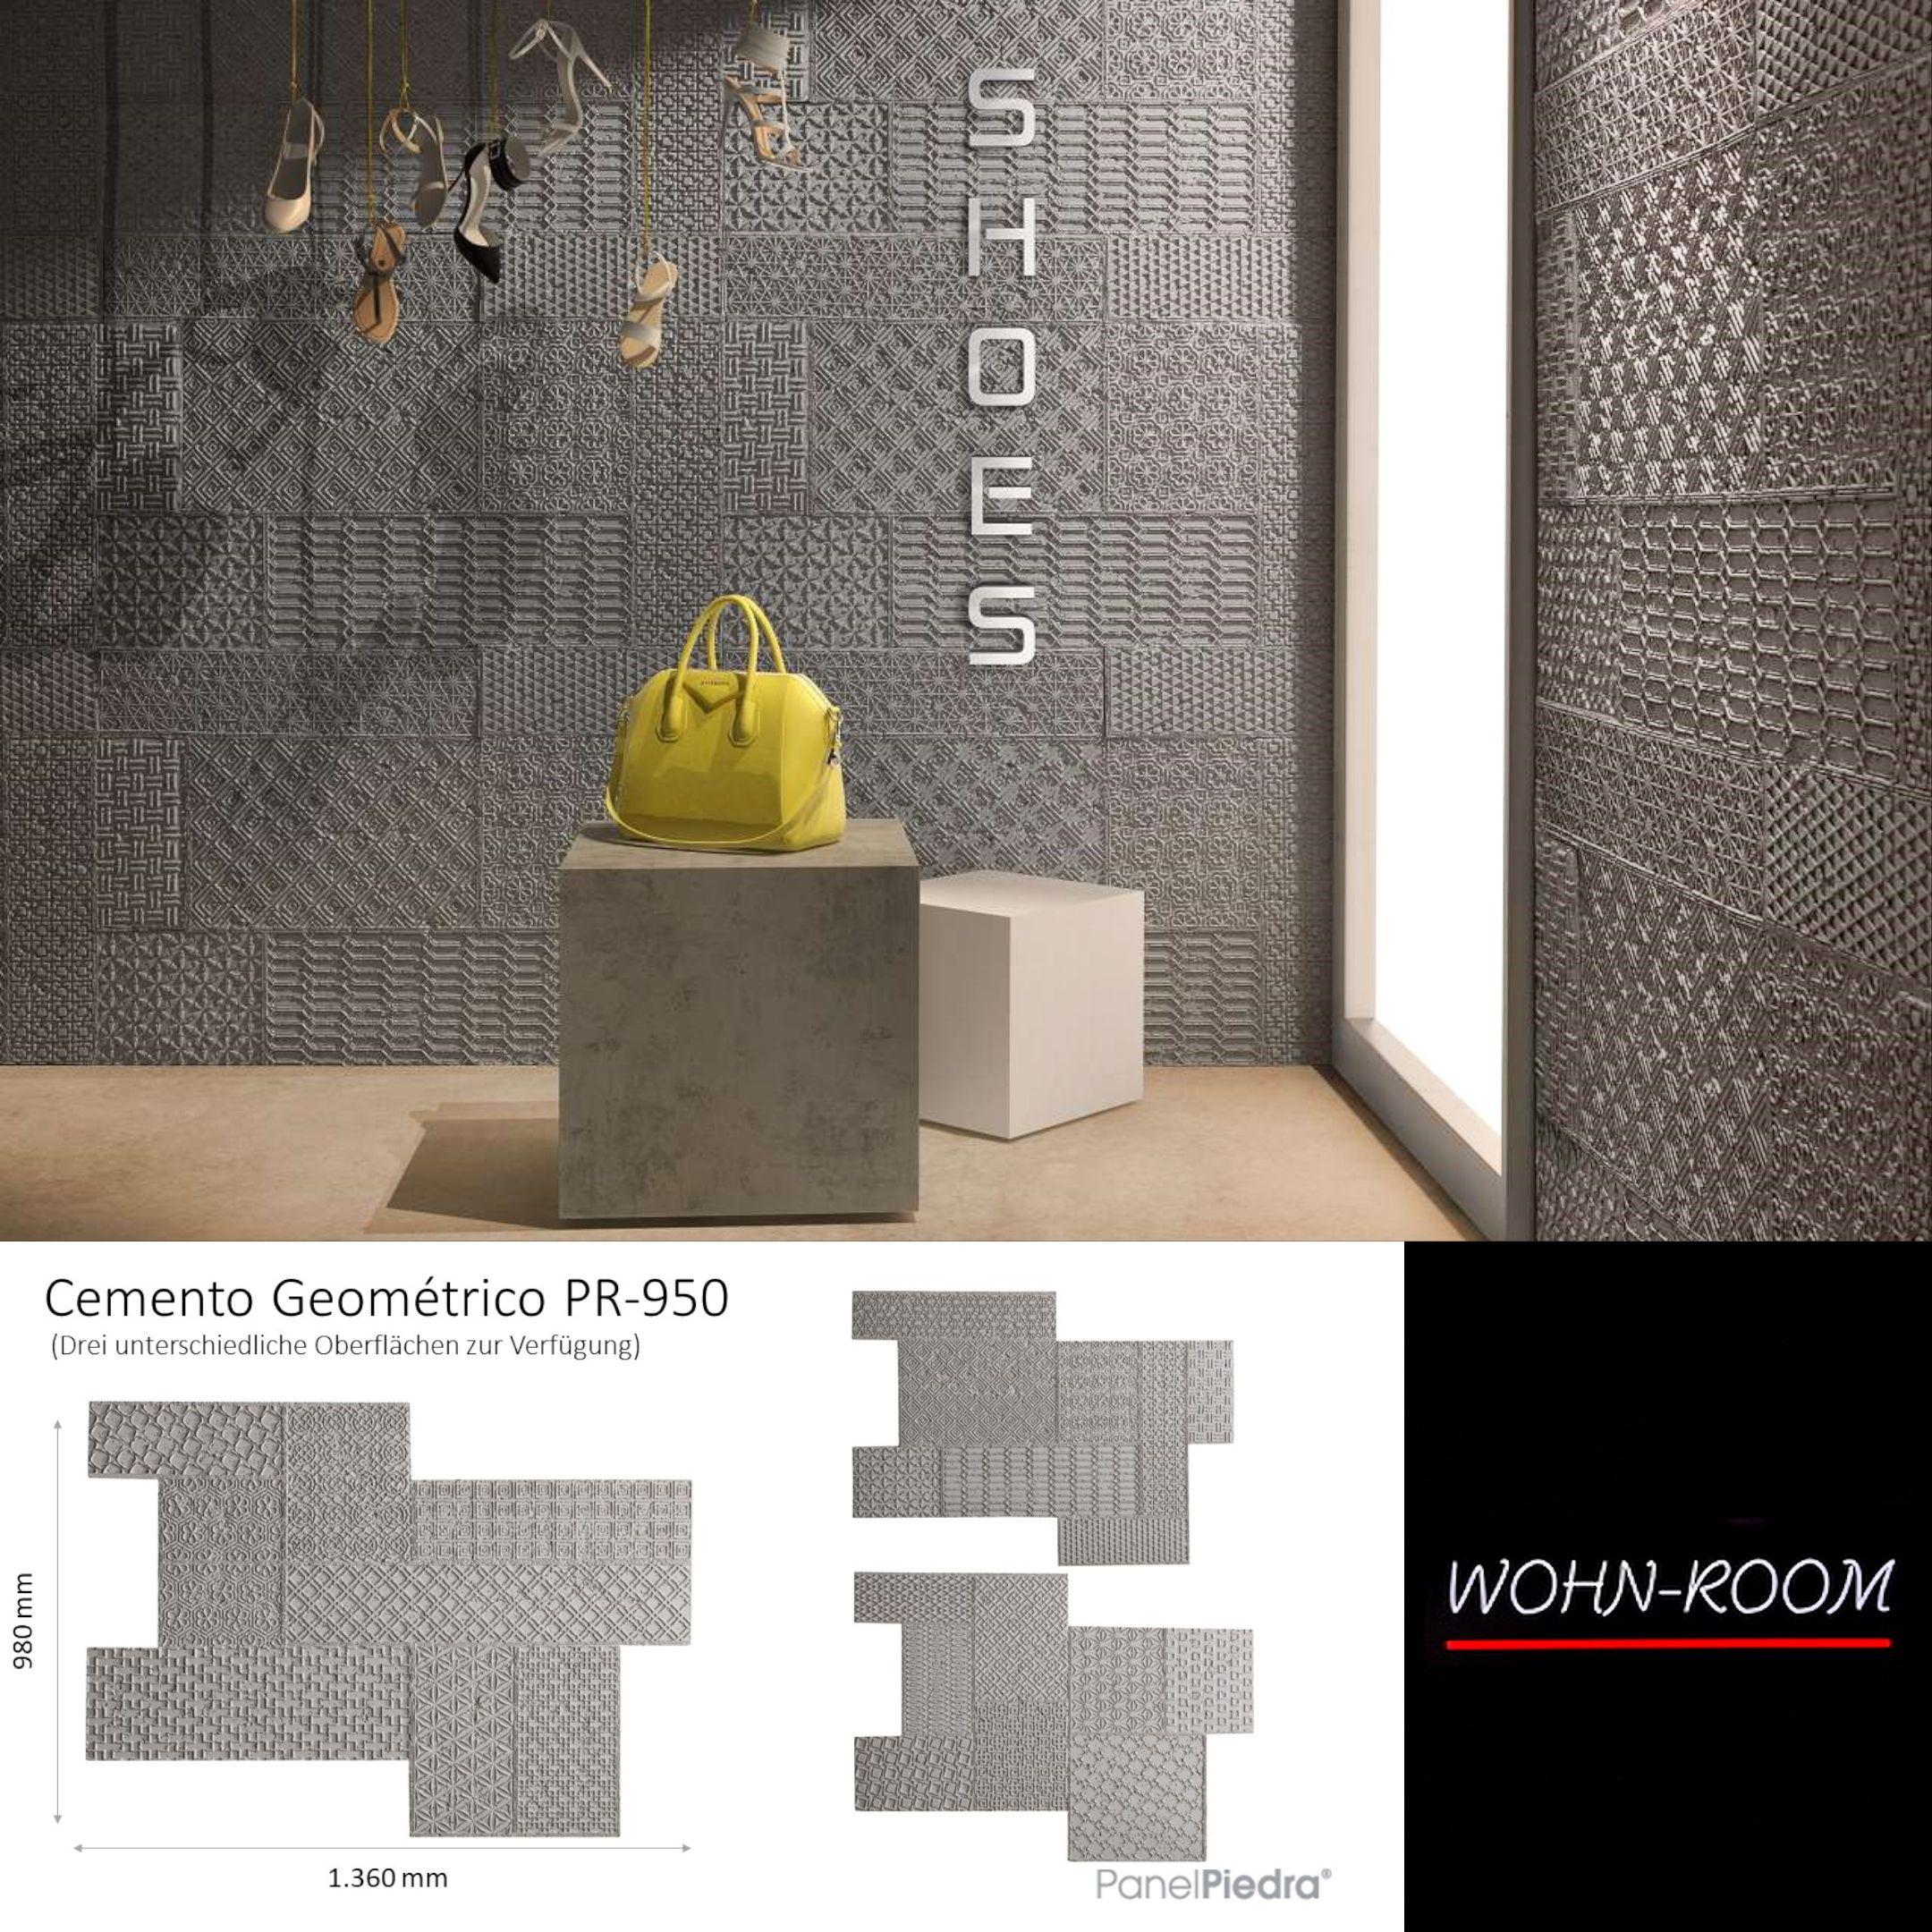 betonfake 'geometico' des spanischen herstellers panelpiedra. hier